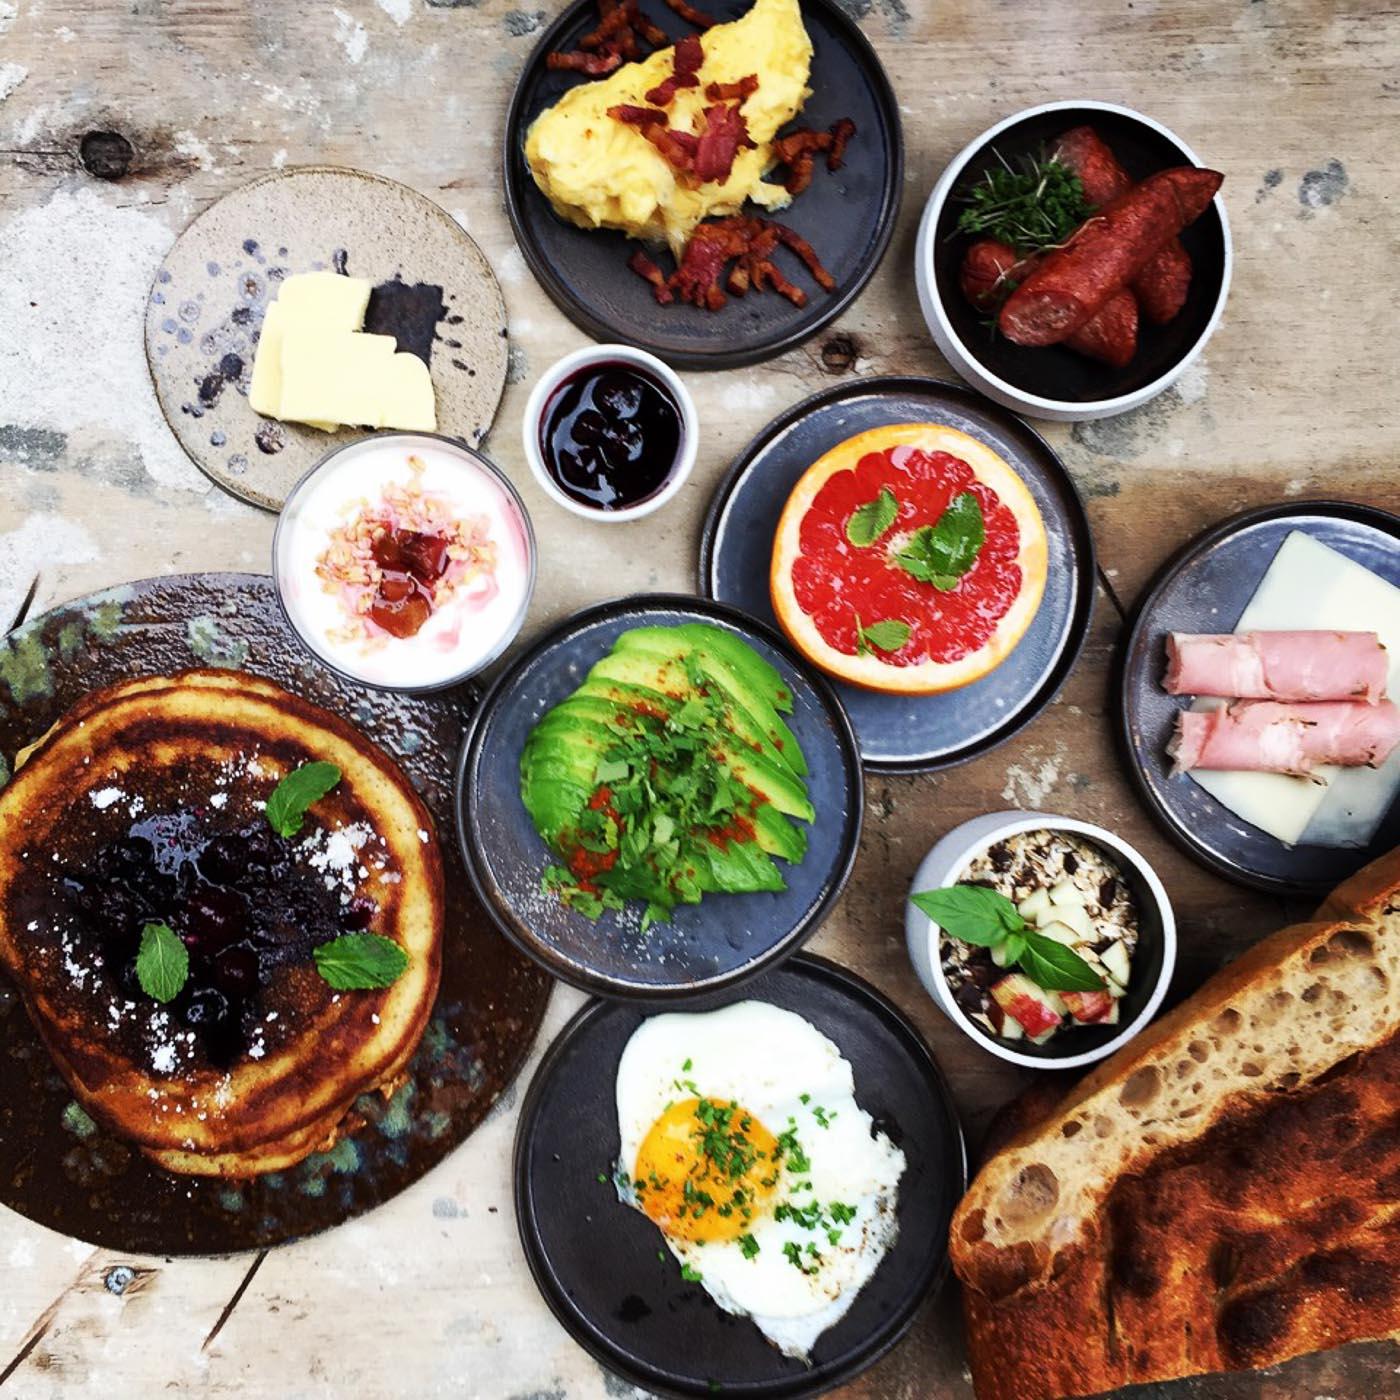 BERNTH & CO klar med ny idé: Sammensæt din egen morgenmad for 75 kroner